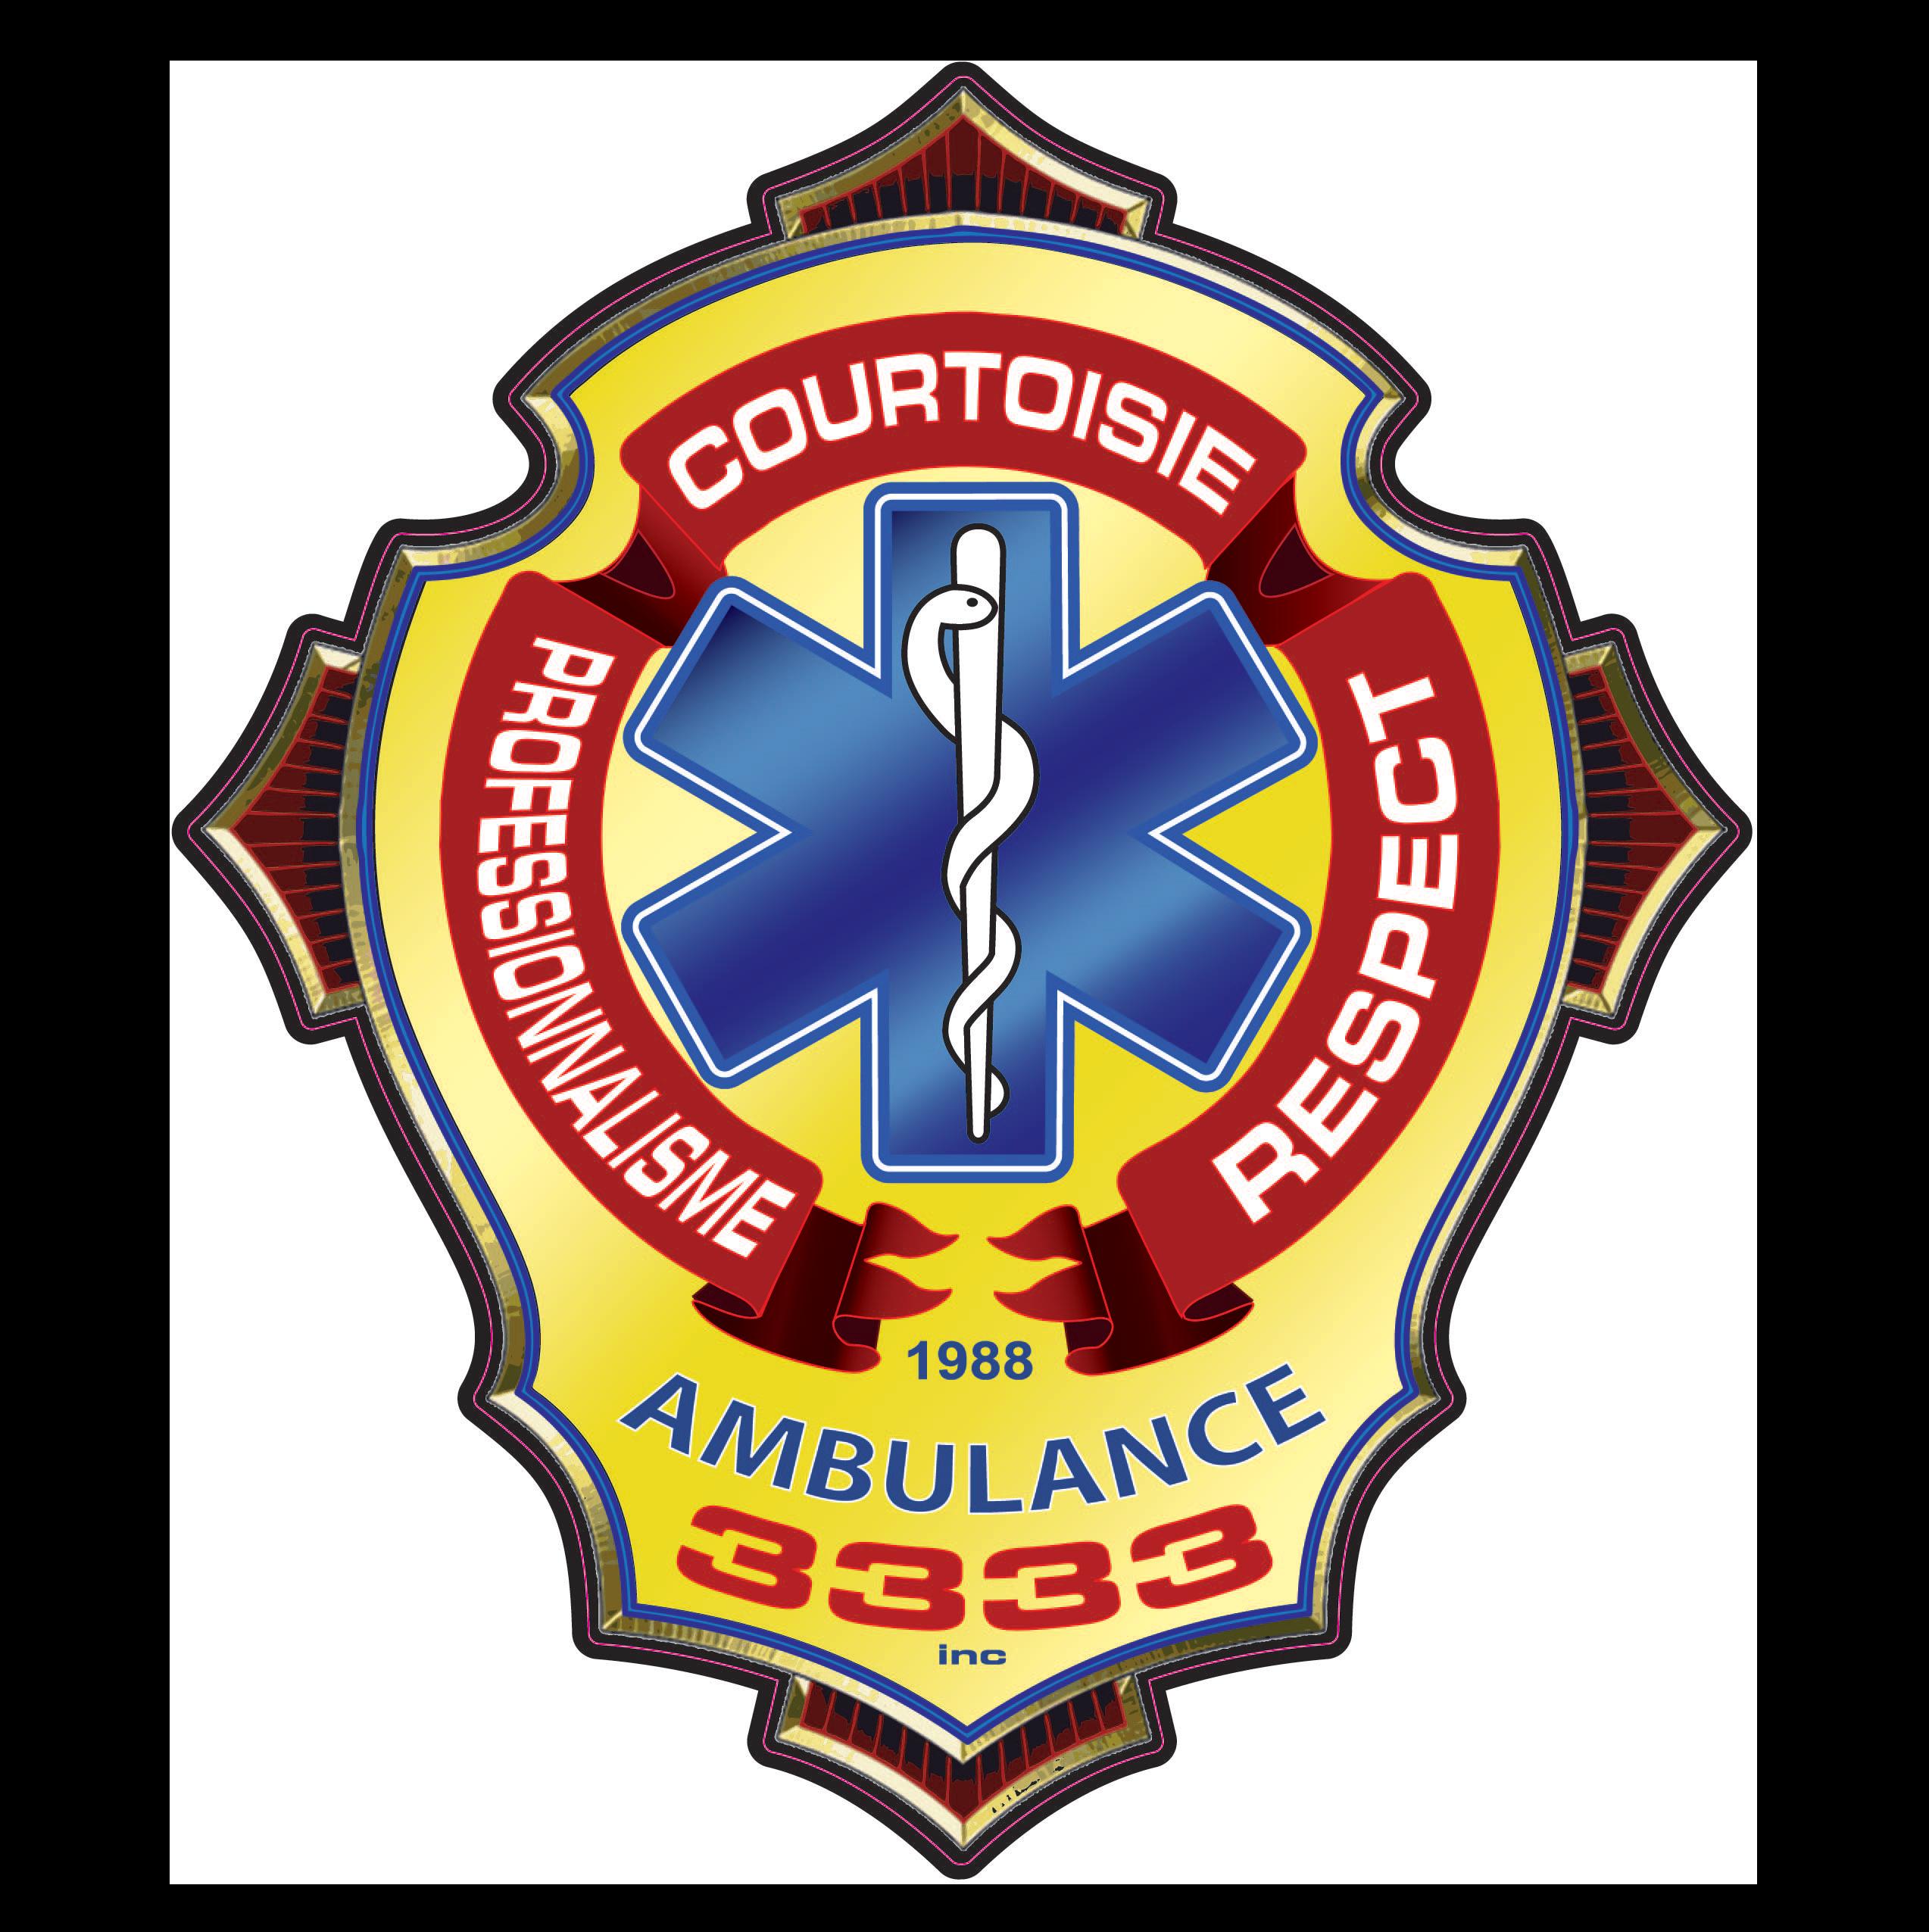 Ambulances 33-33